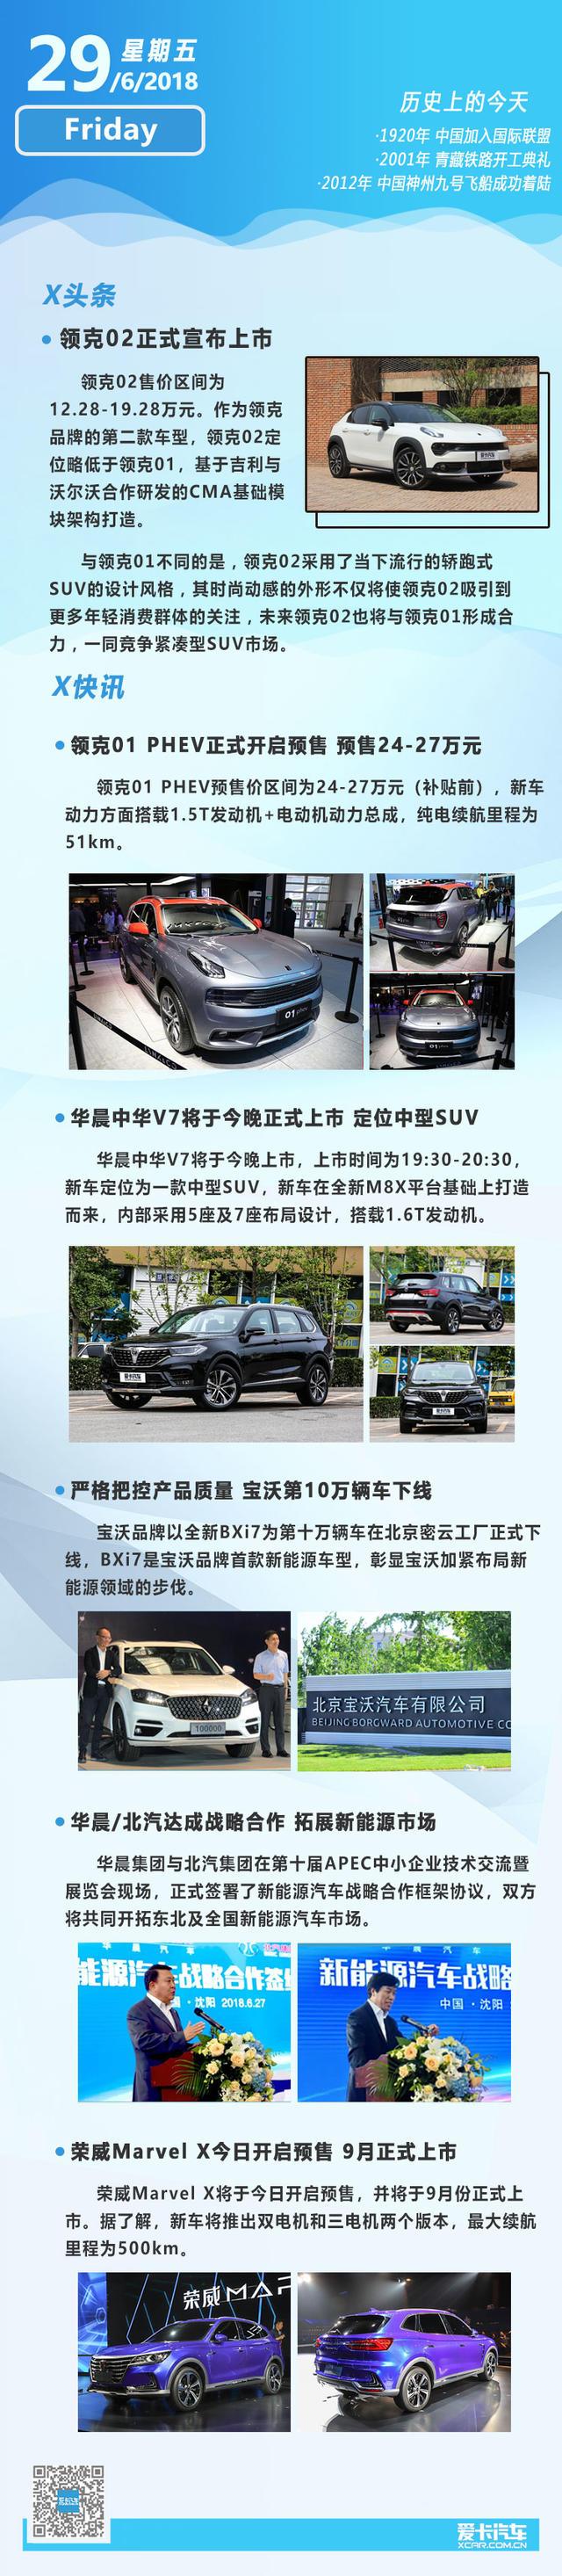 一张图看6月29日早报 中华V7今晚上市